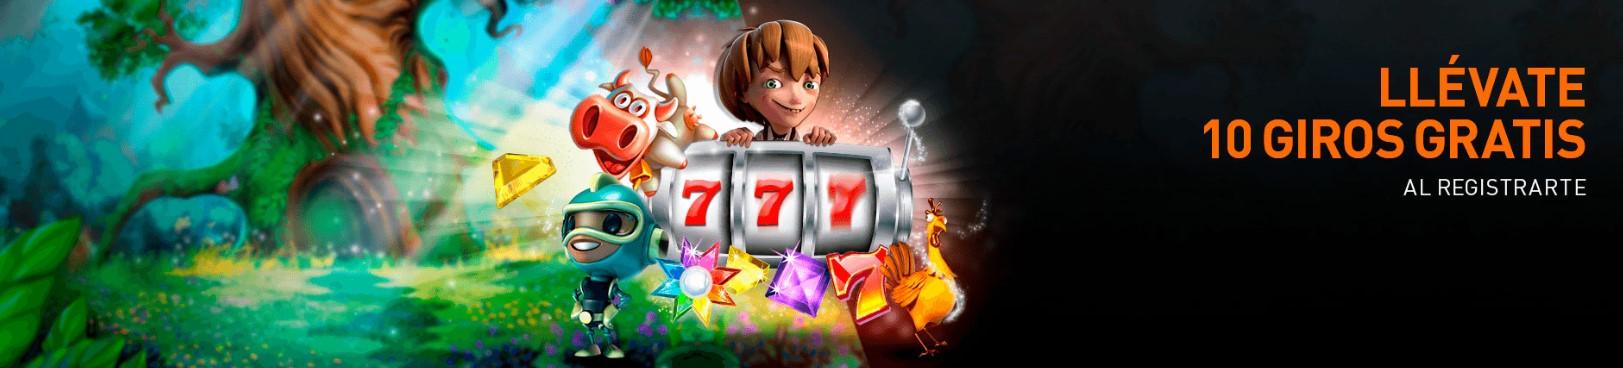 10 giros gratis en casino 777 con tu registro